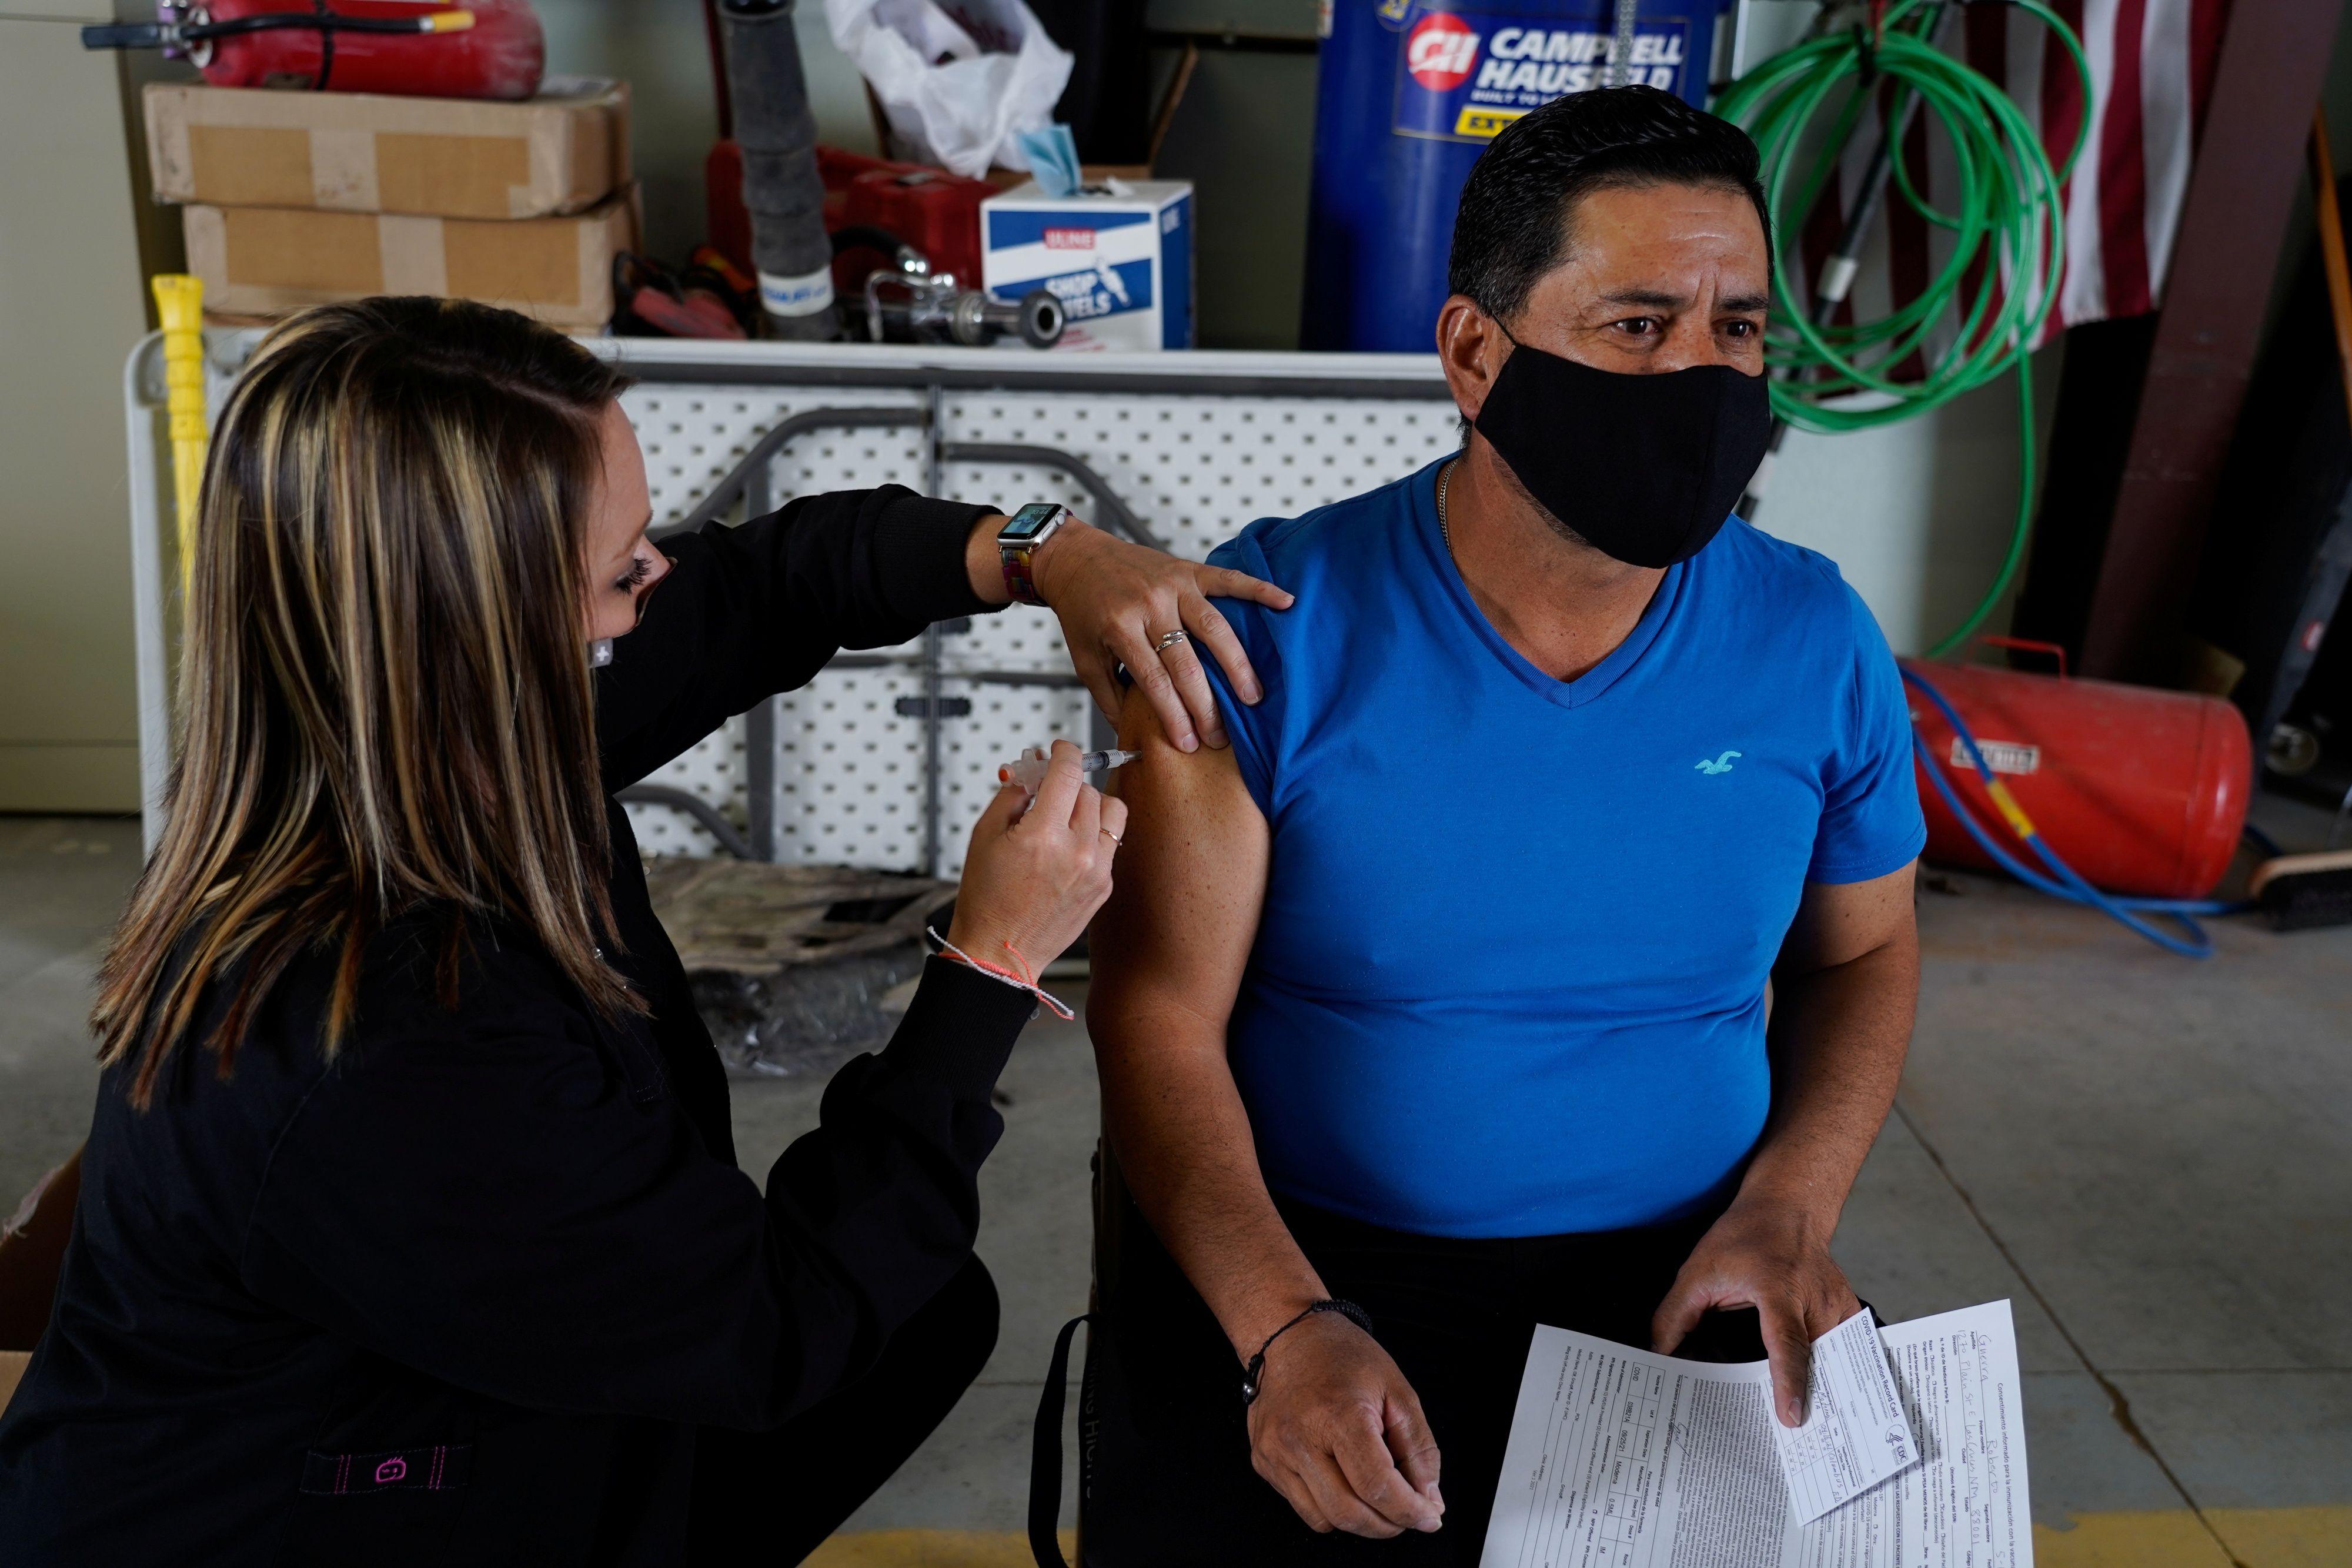 Roberto Guerra es uno de los trabajadores en zona rural de Nueva México en los Estados Unidos que recibió la vacuna contra el COVID-19 en abril. Pero los expertos señalan que alcanzar la cobertura de vacunación en todos los pueblos de ese país podría ser difícil. Esta barrera podría interferir en alcanzar la inmunidad de rebaño a nivel nacional / REUTERS/Paul Ratje